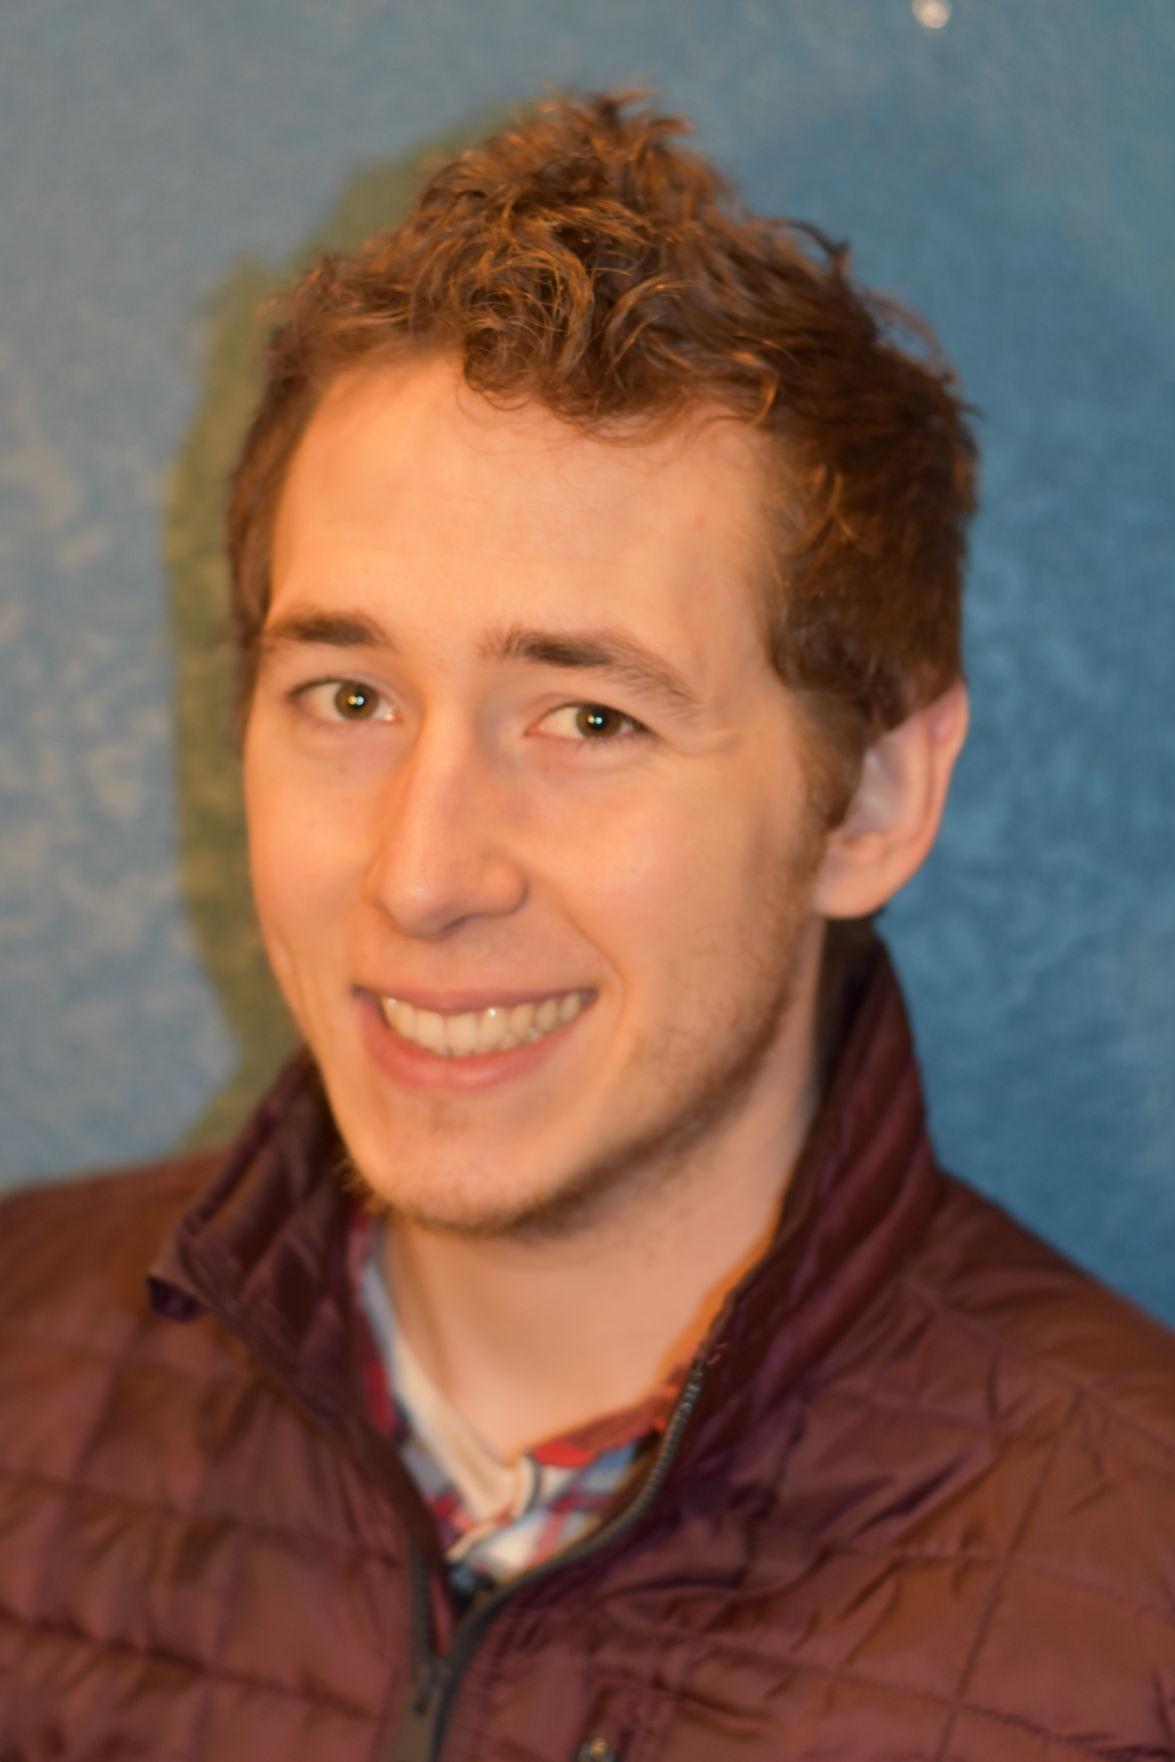 Jordan Wolfe